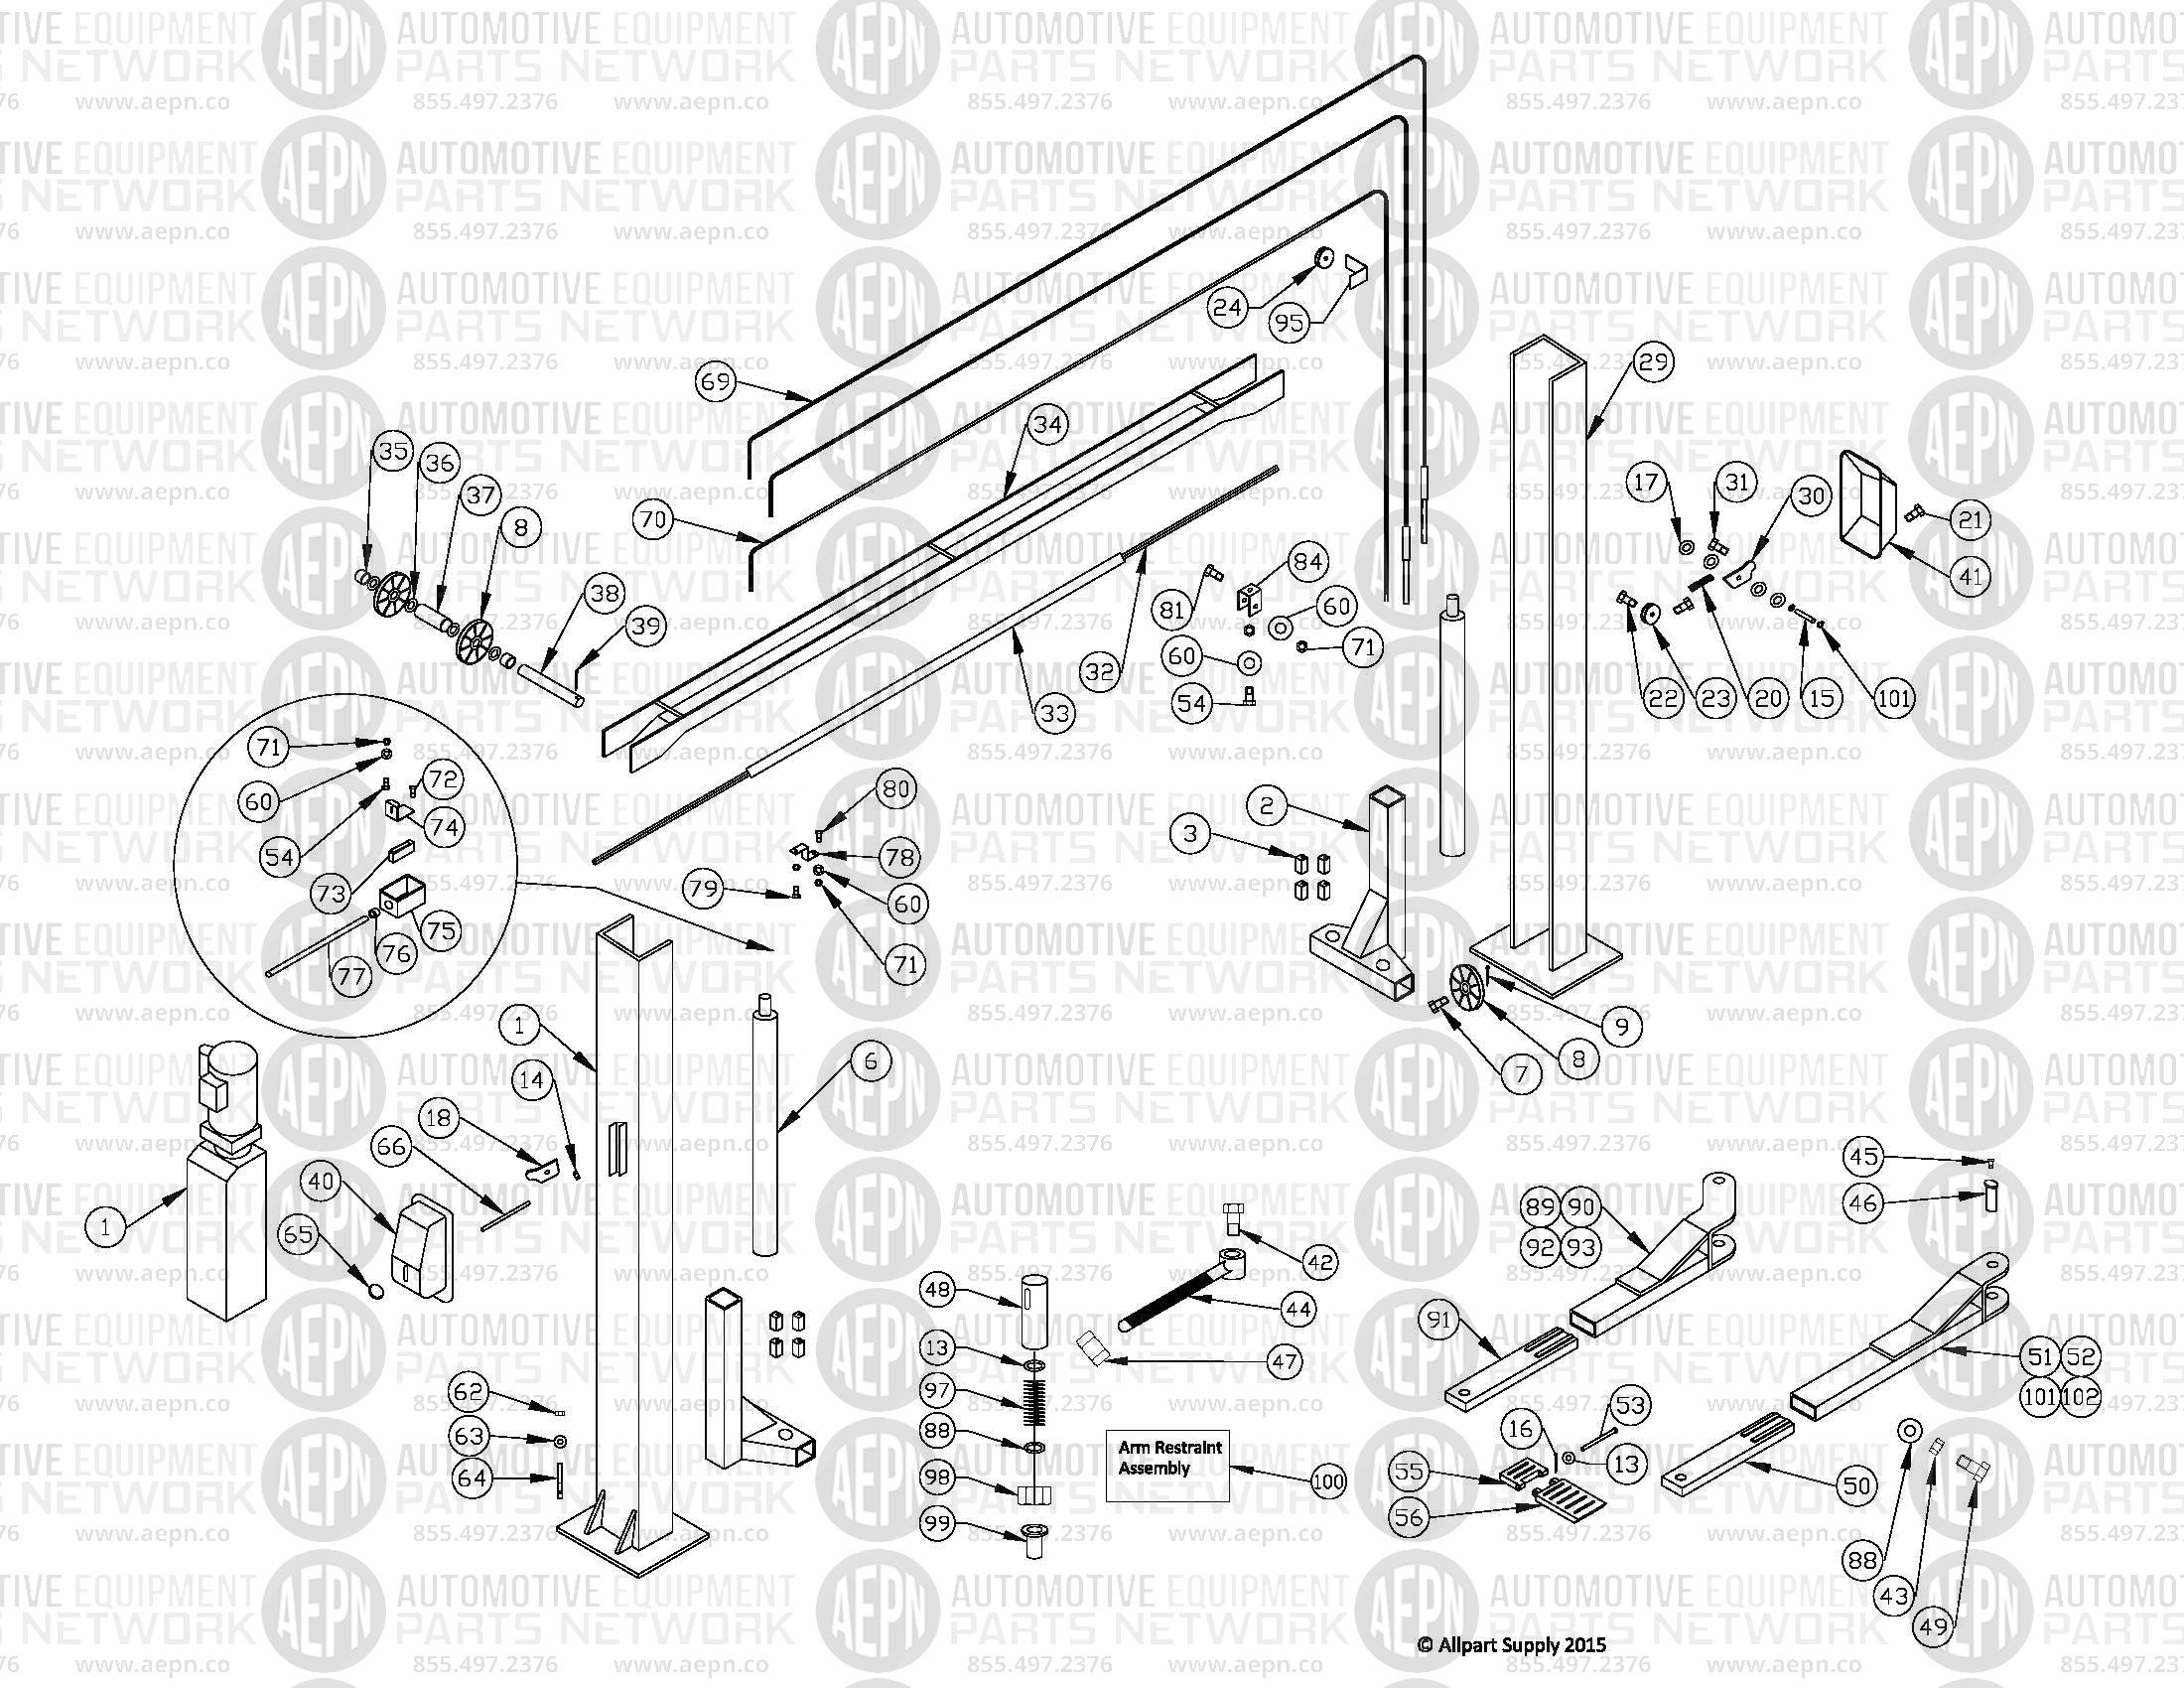 Schlage 390g Mag Lock Wiring Diagram Wiring Liry on